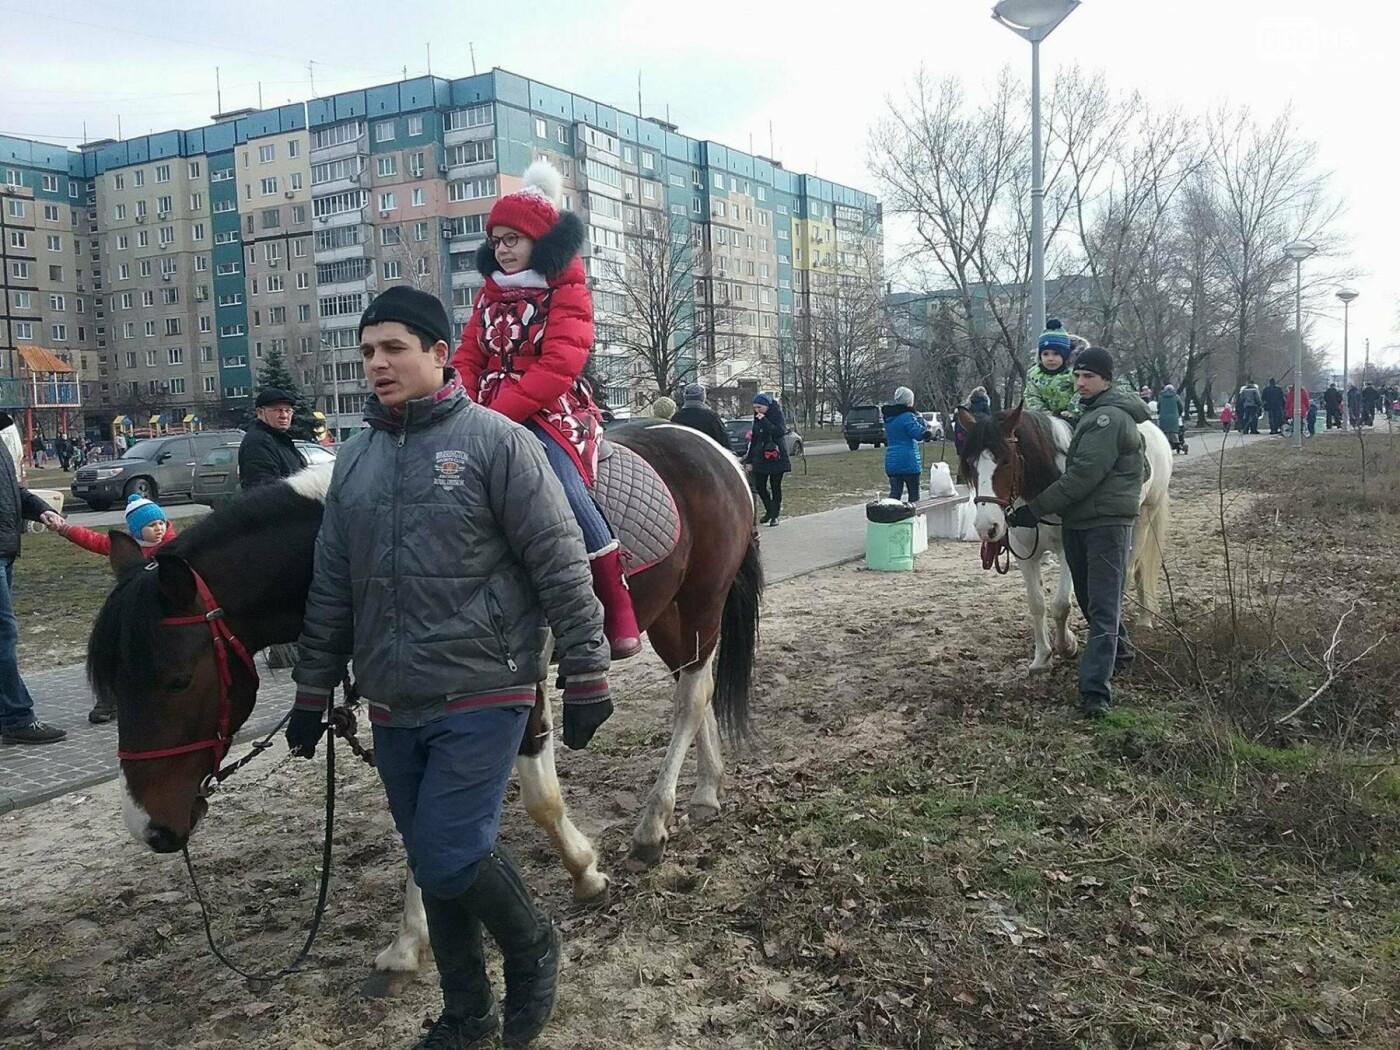 В Днепре на жилмассиве Фрунзенский провели Масленицу (ФОТО, ВИДЕО) , фото-7